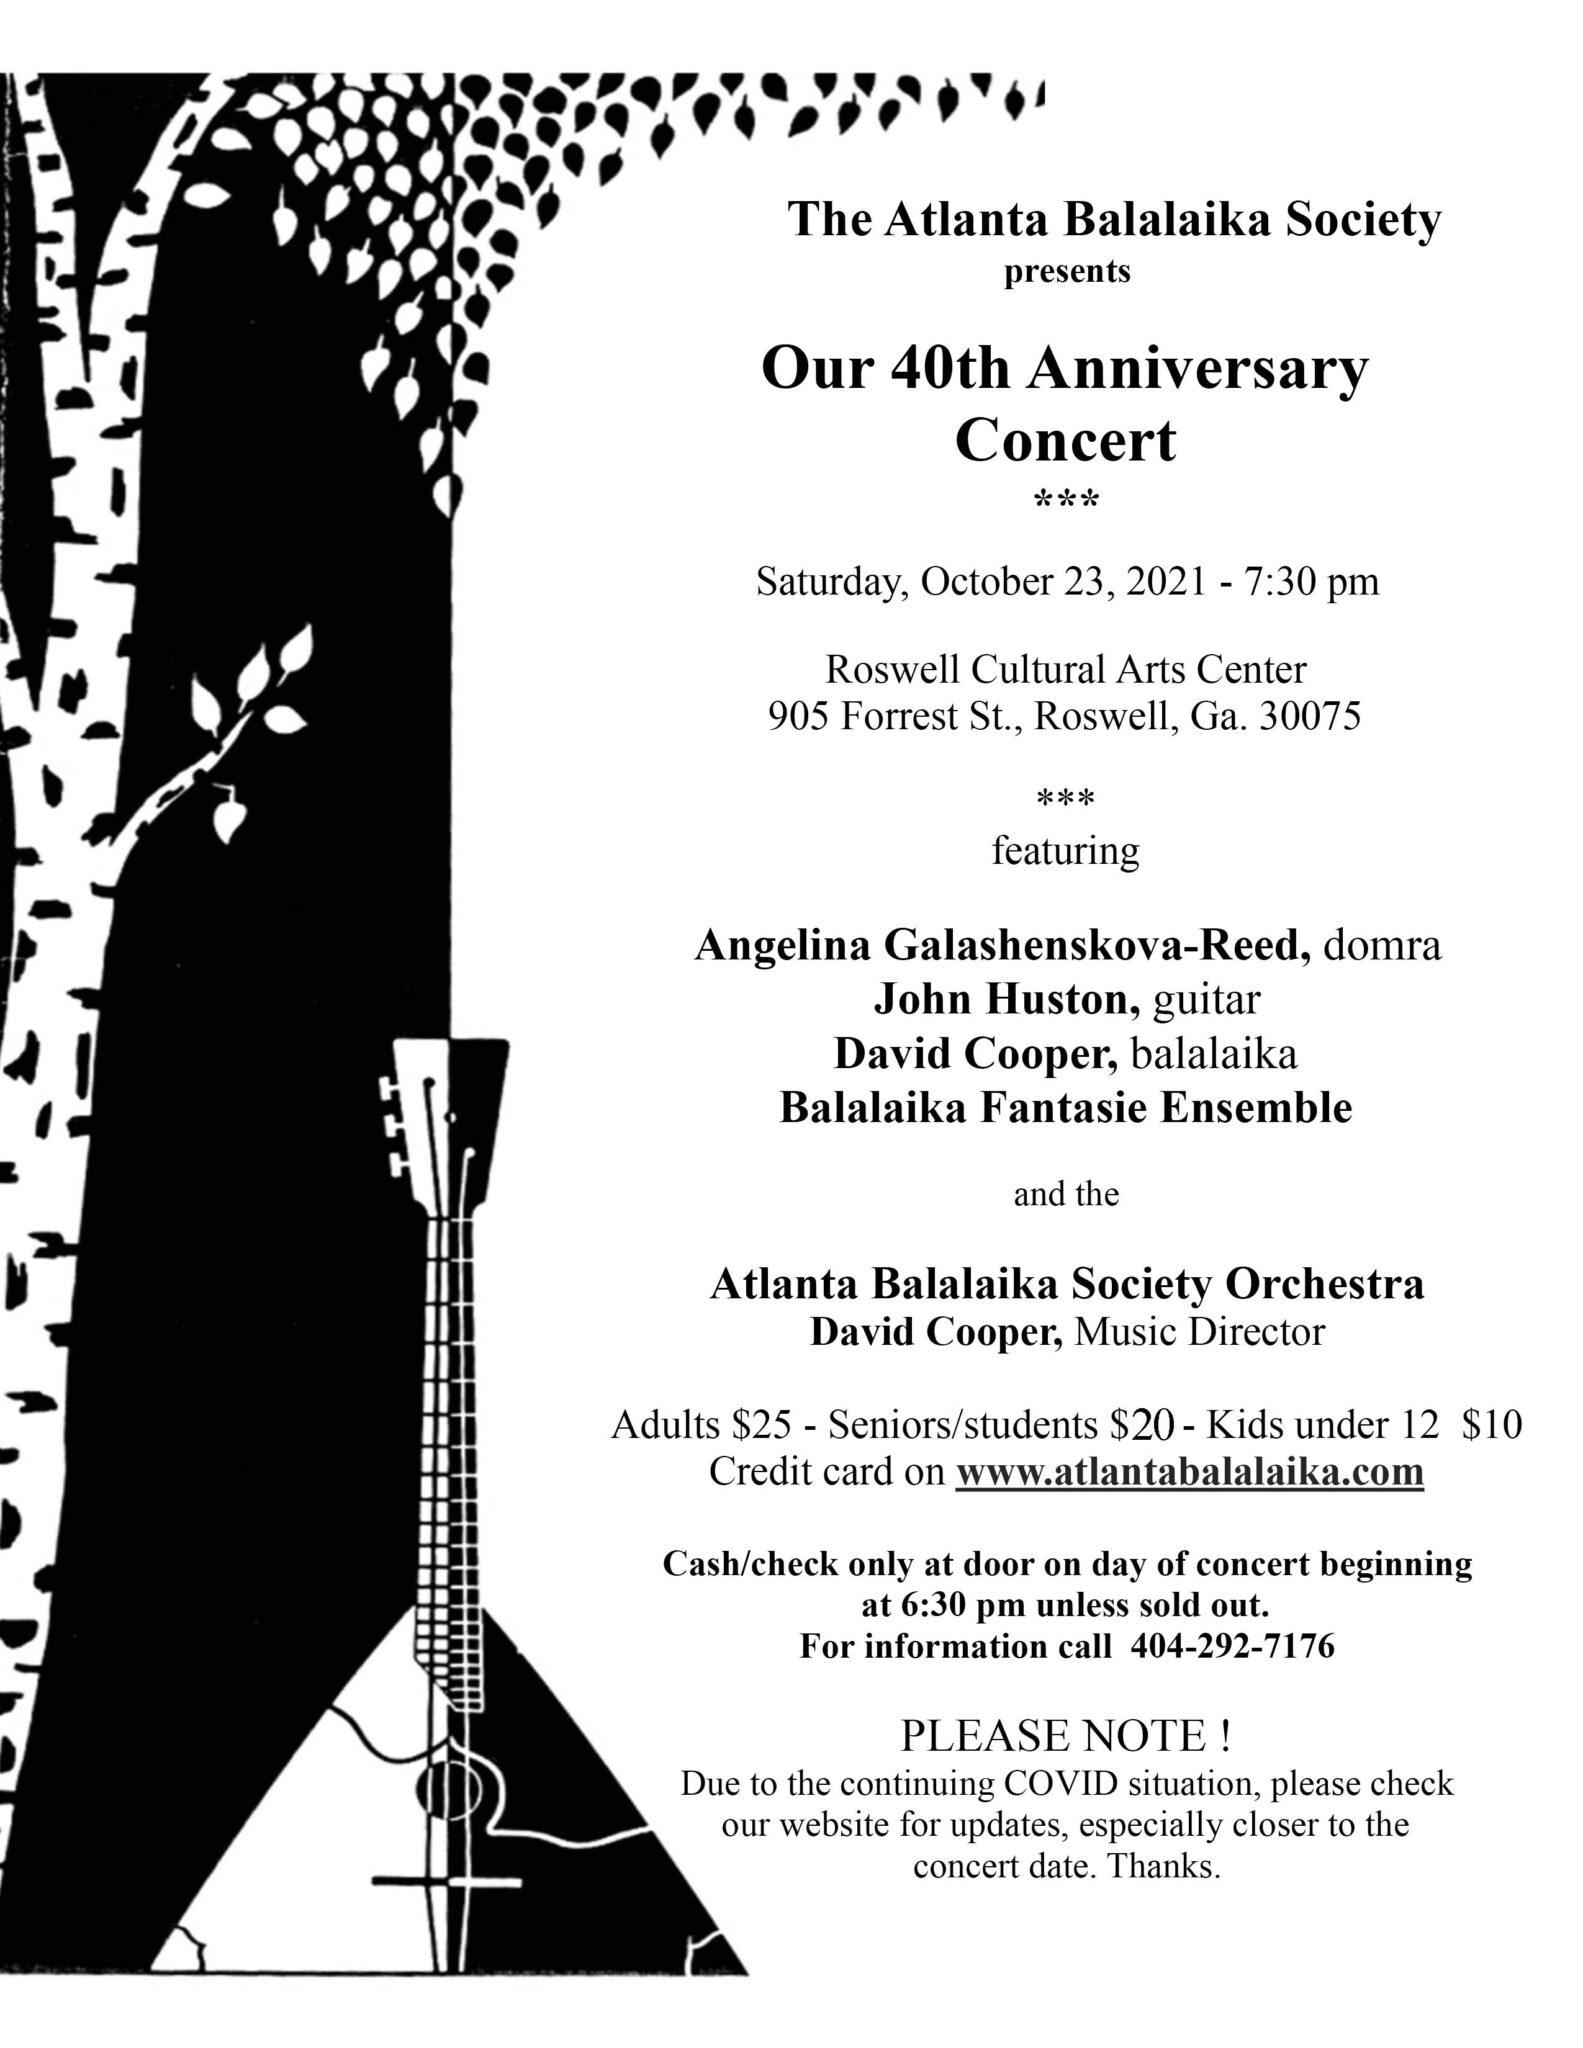 The Atlanta Balalaika Society Presents 40th Anniversary Concert